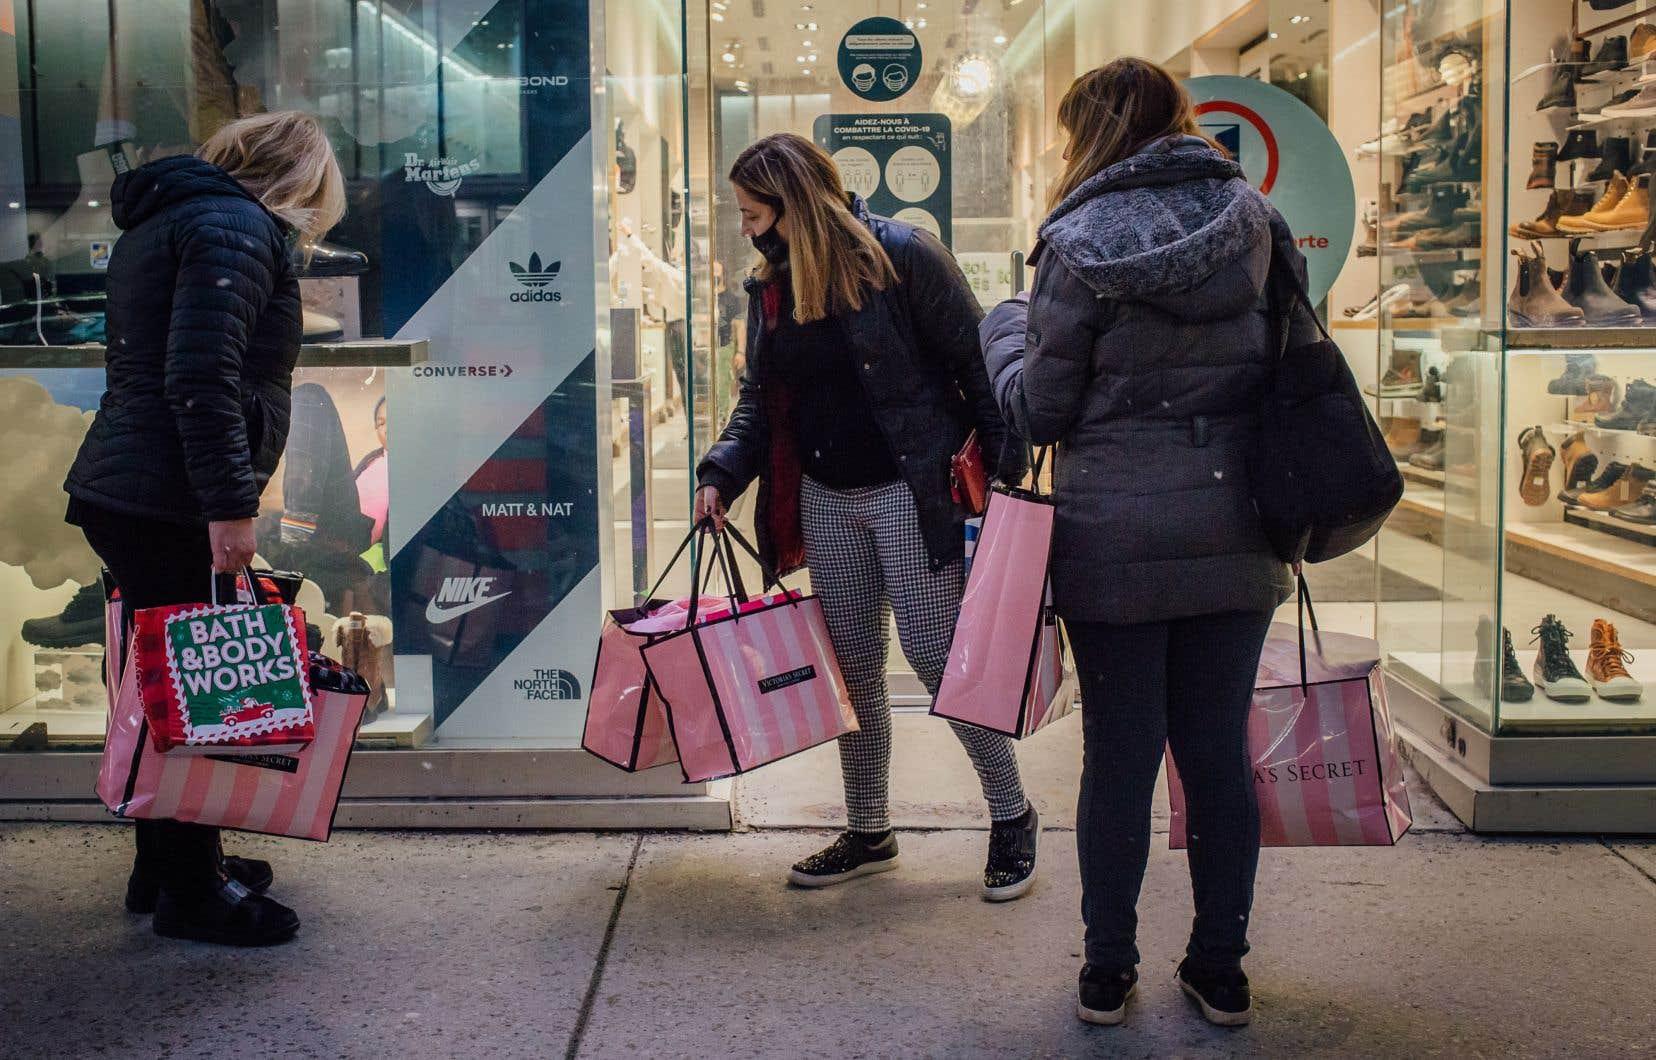 Il faut se méfier des promotions alléchantes durant le temps des Fêtes, selon Isabelle Dauphin, car celles-ci peuvent mener à des achats compulsifs dont on n'a pas nécessairement besoin.